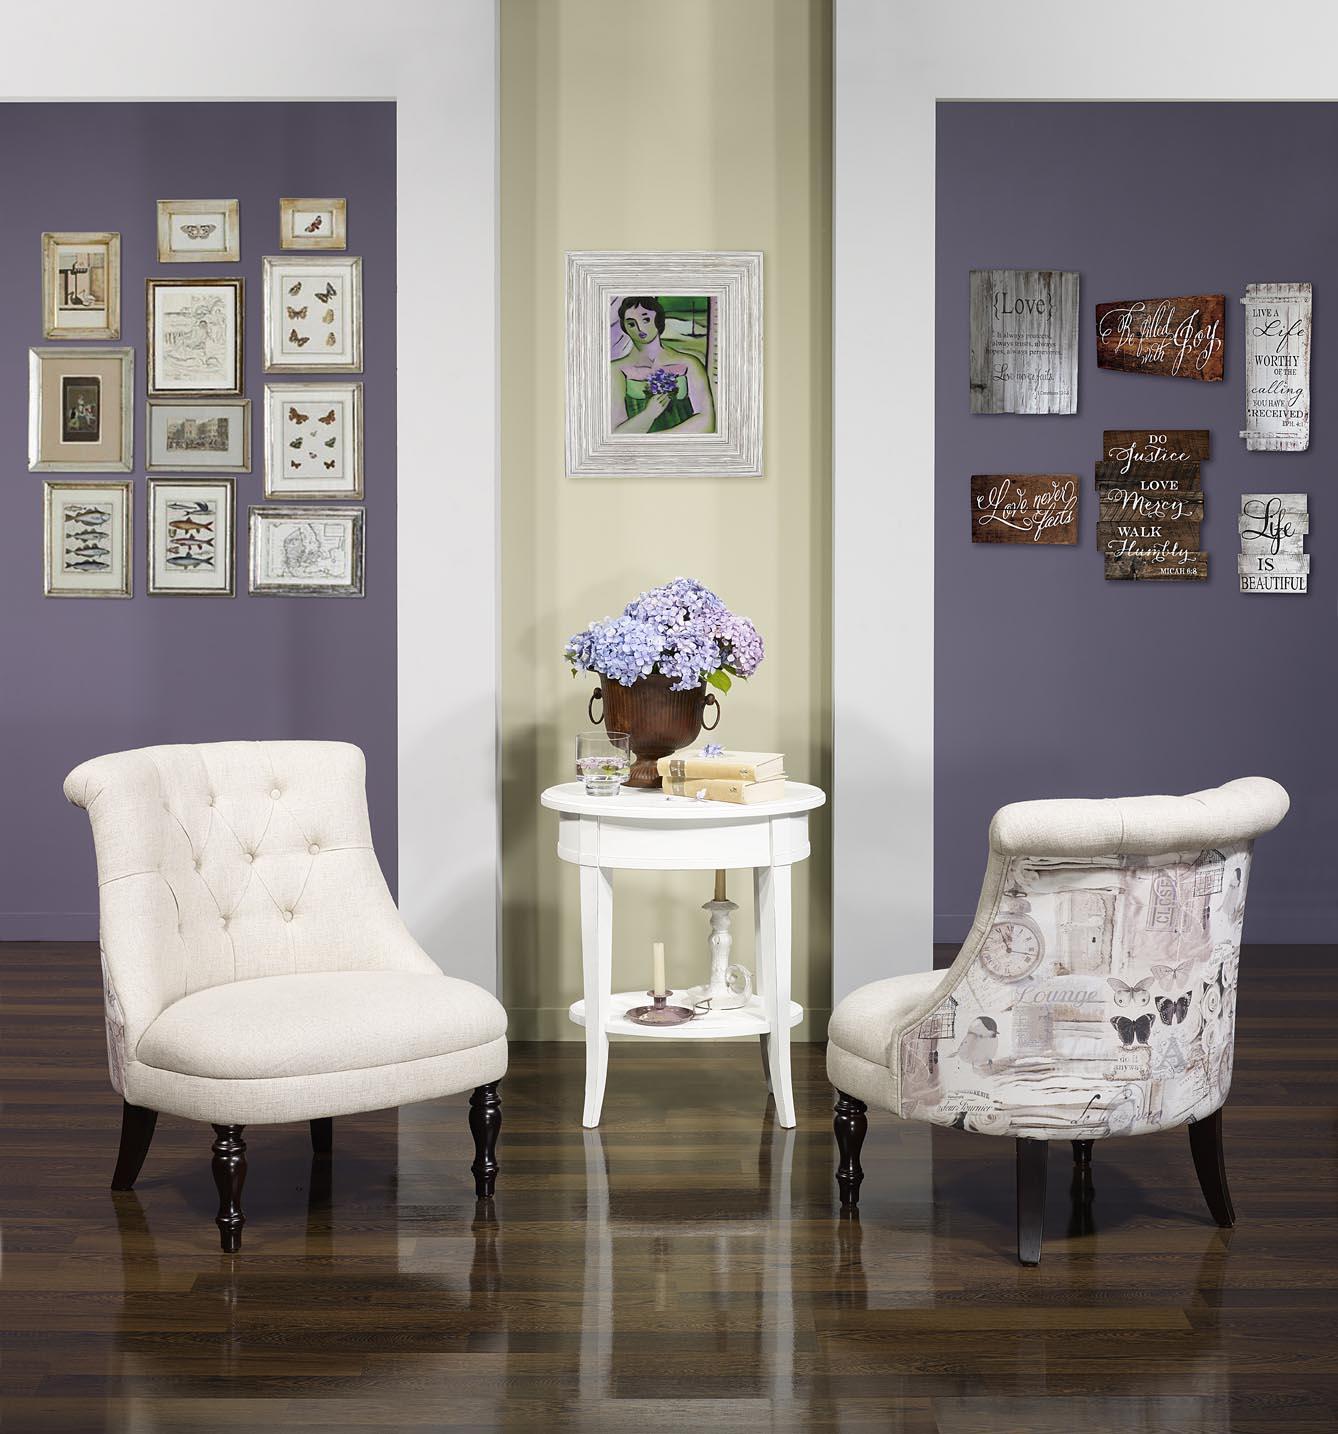 sillone berta tapizado con tela de color beige estampado de flores